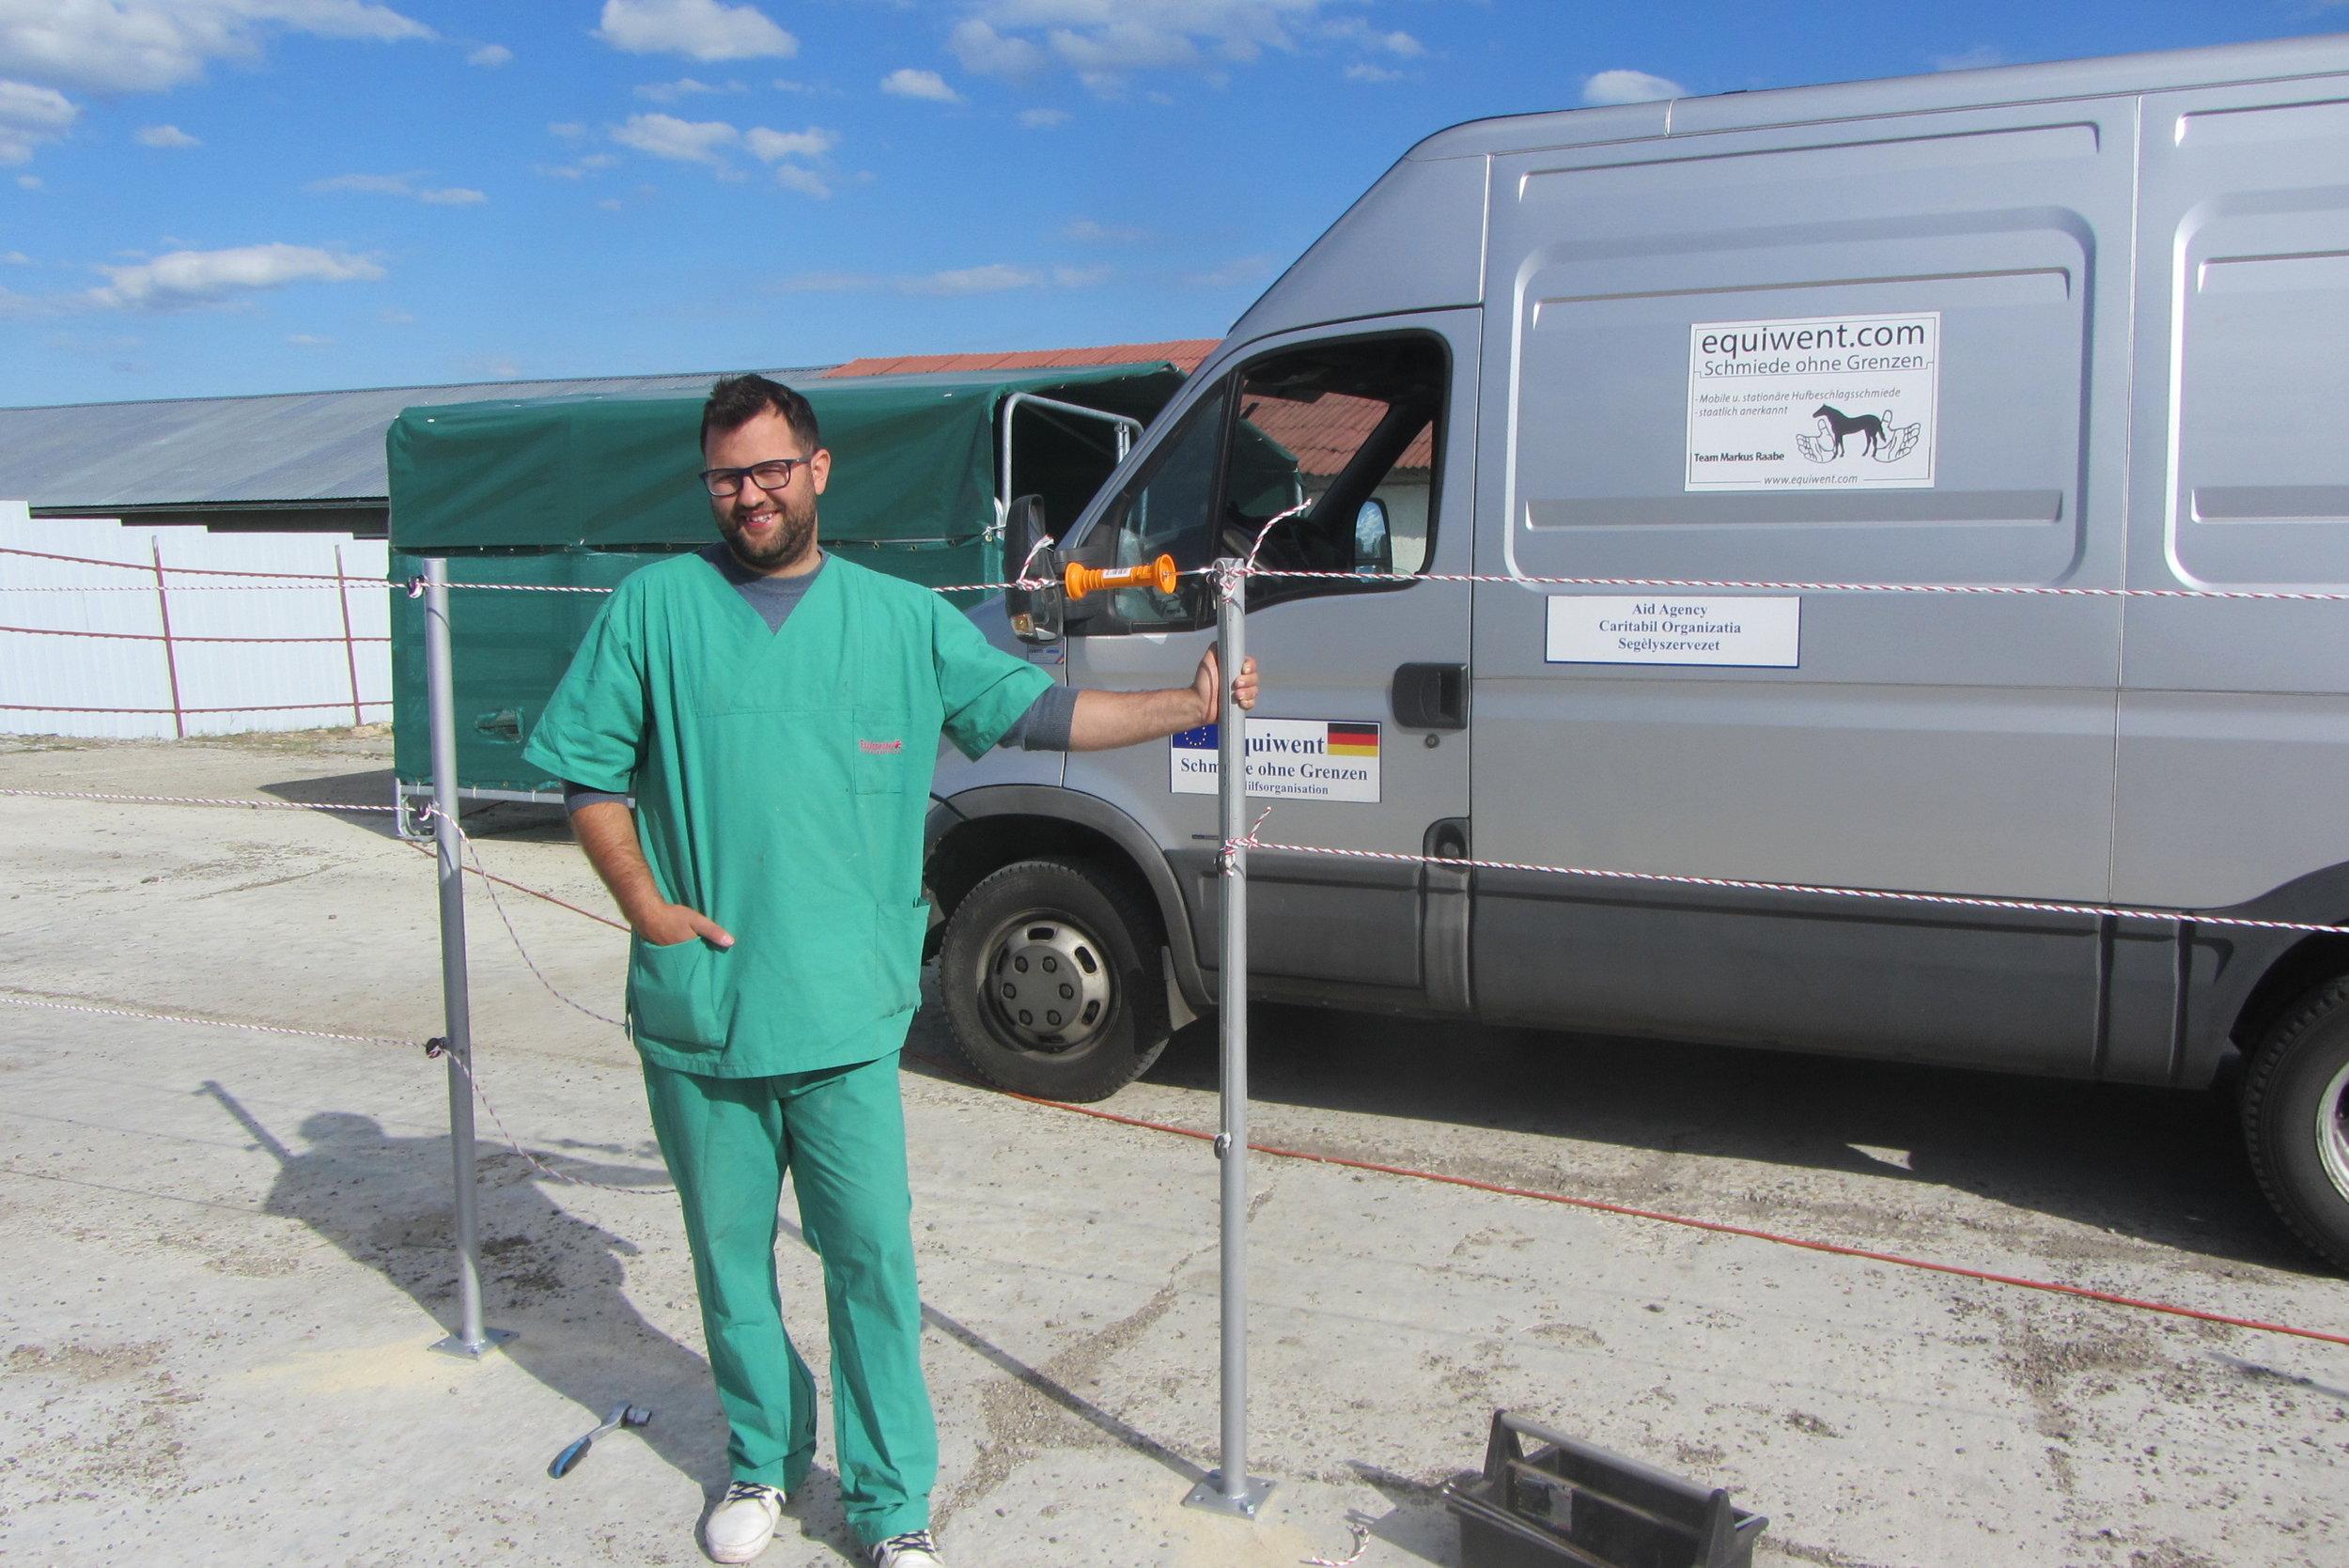 Der Equiwent-Cheftierarzt Dr.med.vet Alexander, er ist nicht nur     ein Arzt auf dem Papier, nein, er lebt seinen Beruf.